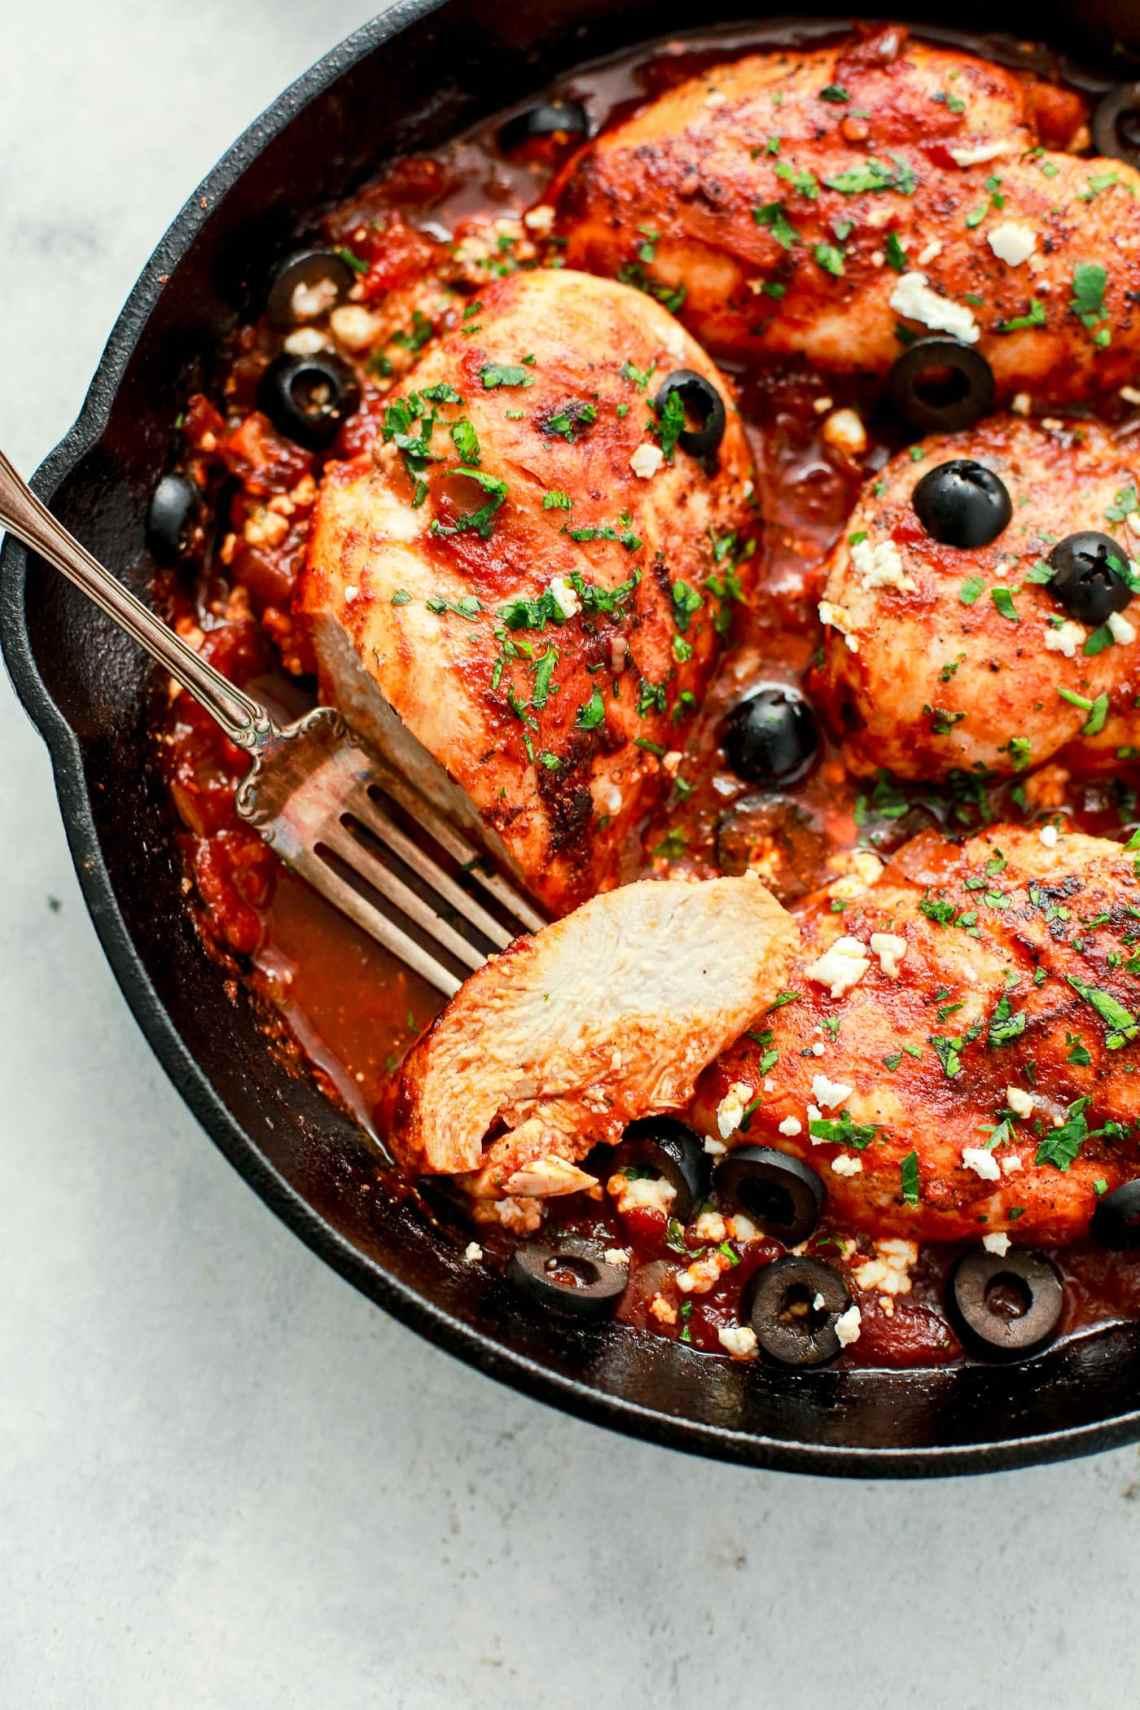 Mediterranean Chicken Skillet Recipe - Primavera Kitchen